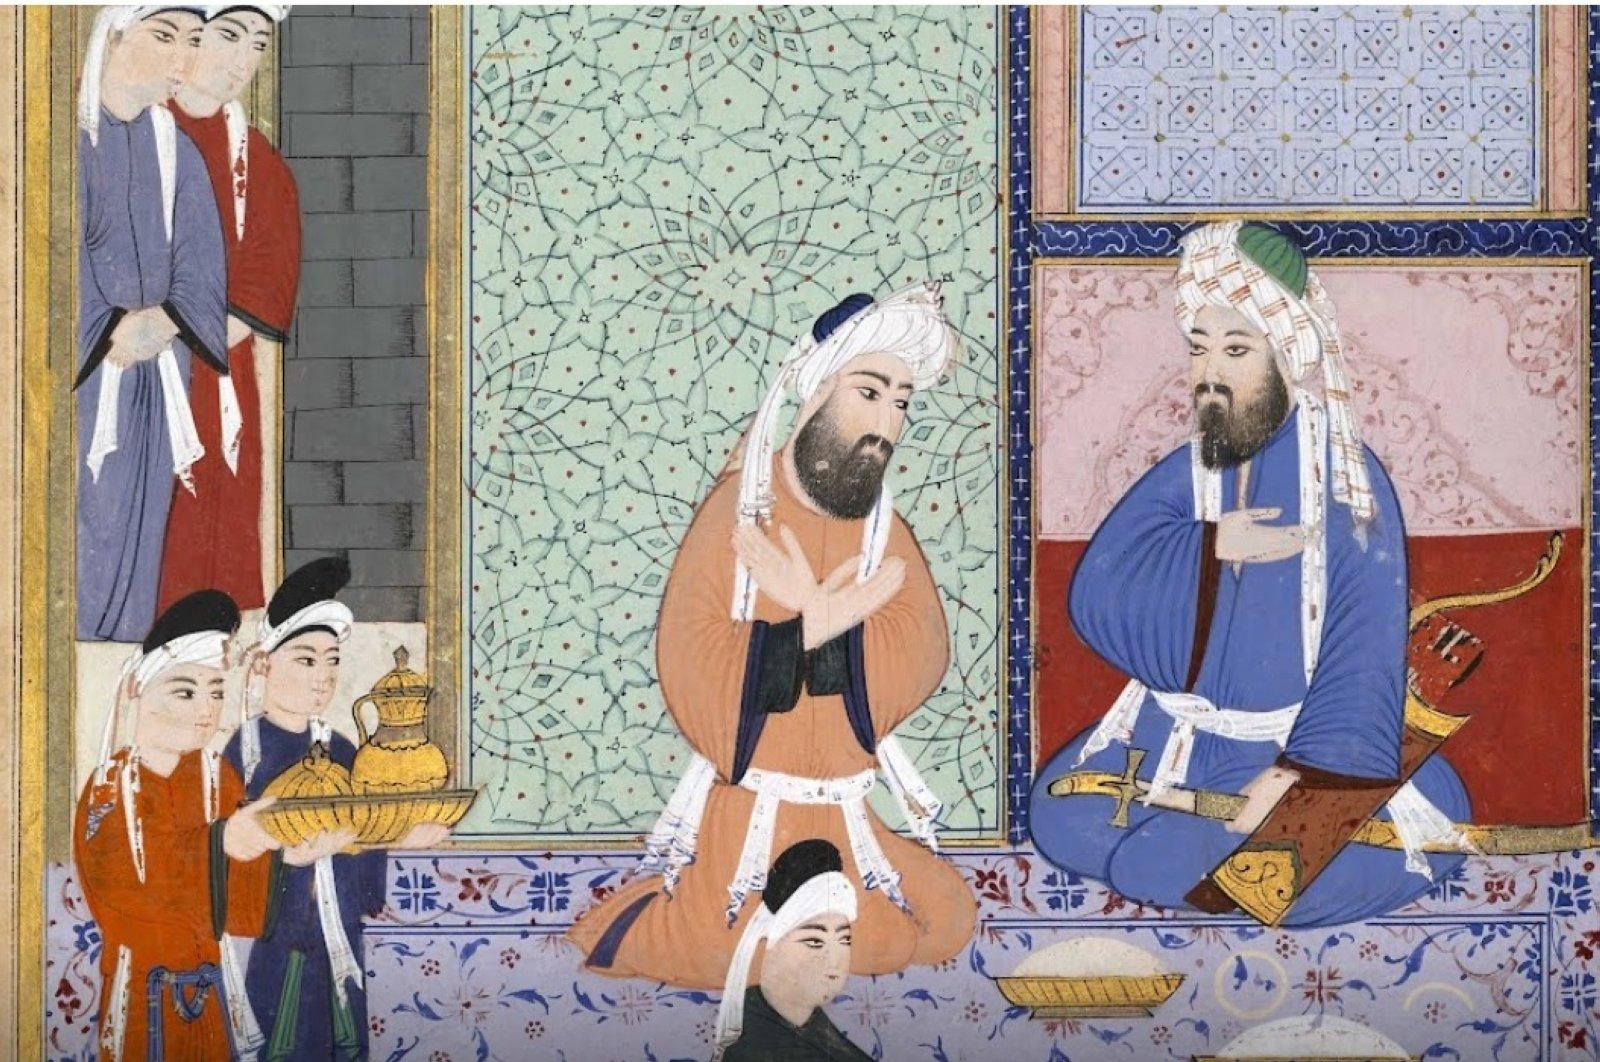 Illustration supervised by Lütfi Abdullah, Head Calligrapher (Ottoman Turk, active 1574–1595), 1594, Istanbul, Turkey. (Courtesy of MFA Houston)